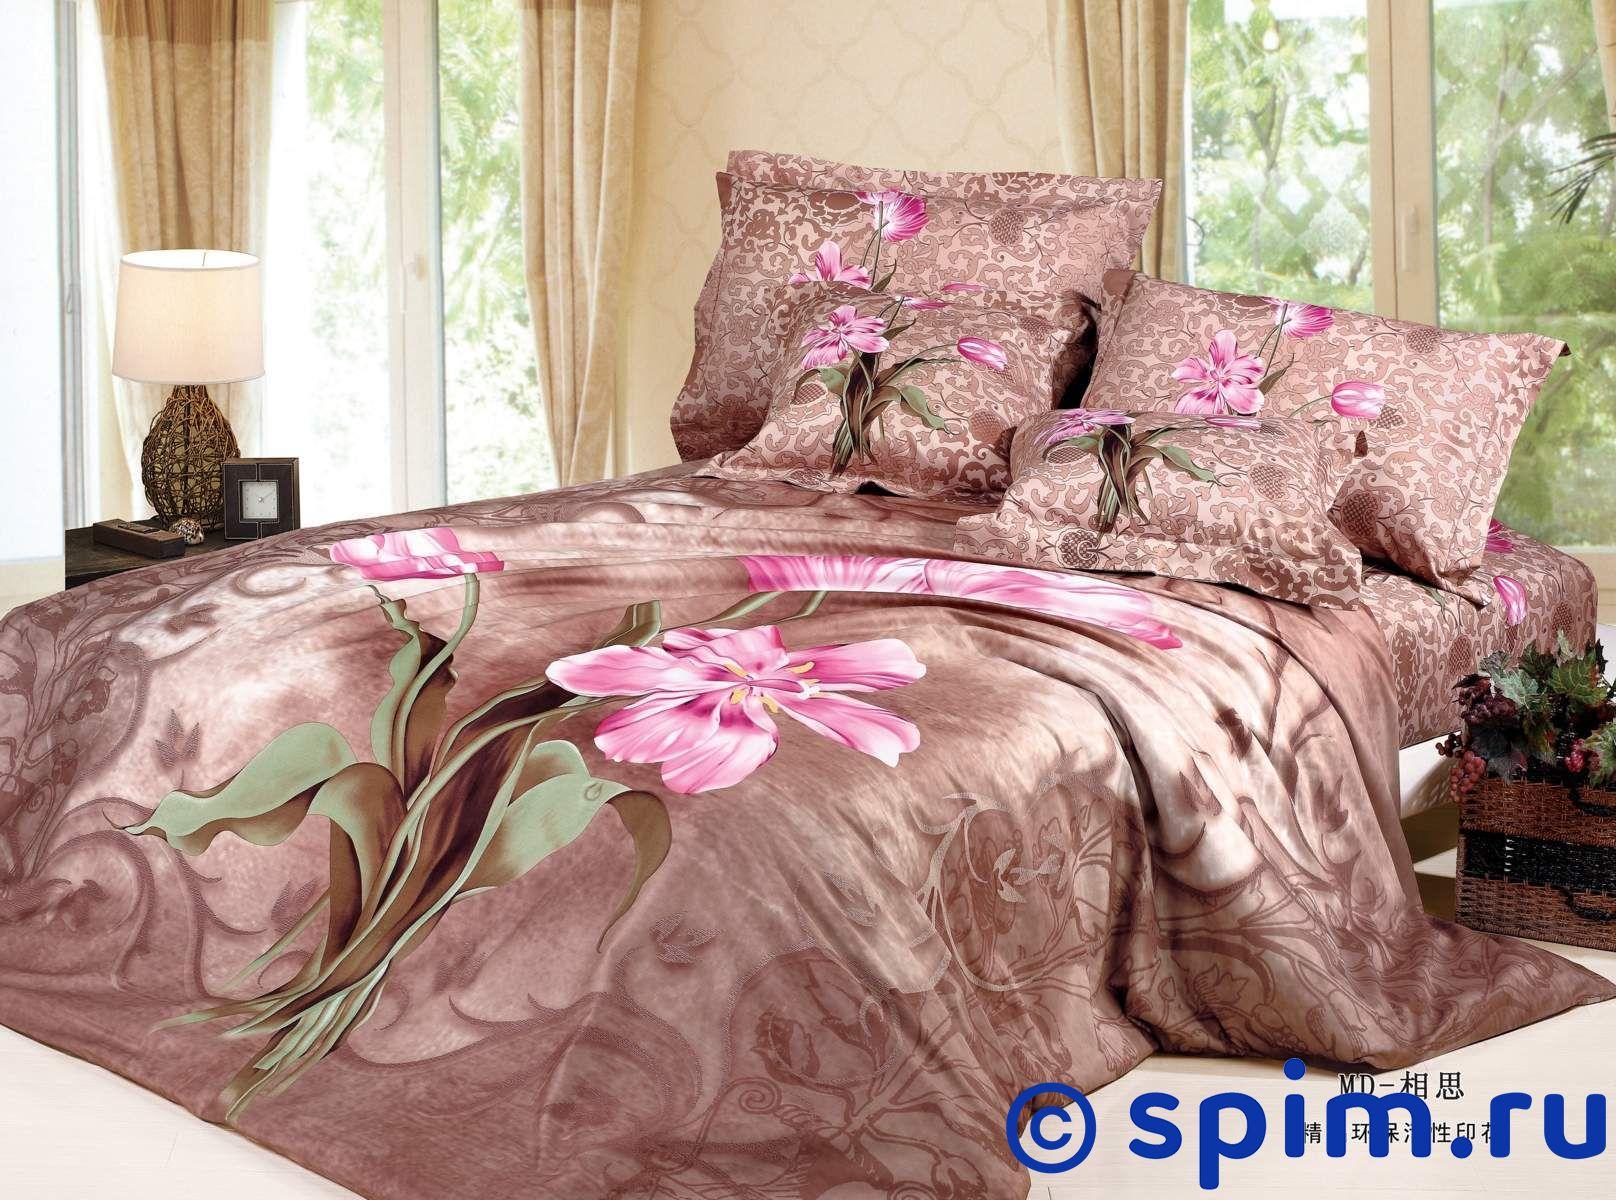 Комплект СайлиД G74 2 спальное